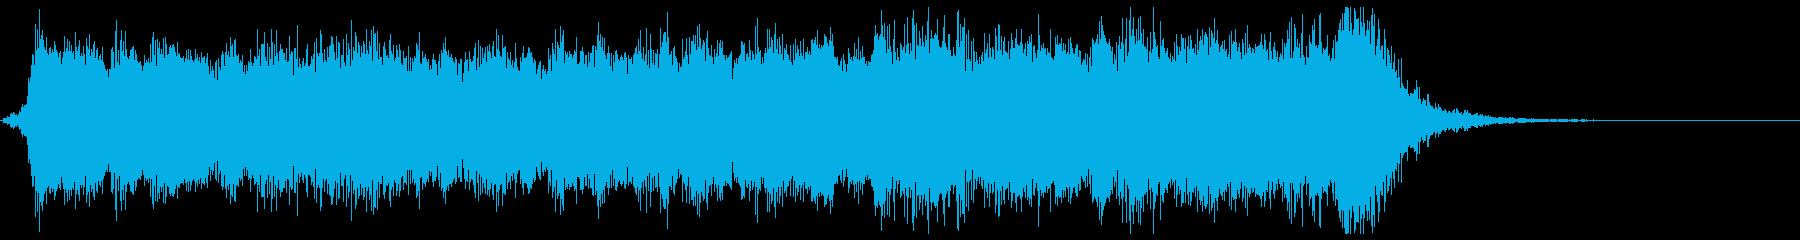 期待が高まるフルオケジングル合唱付の再生済みの波形